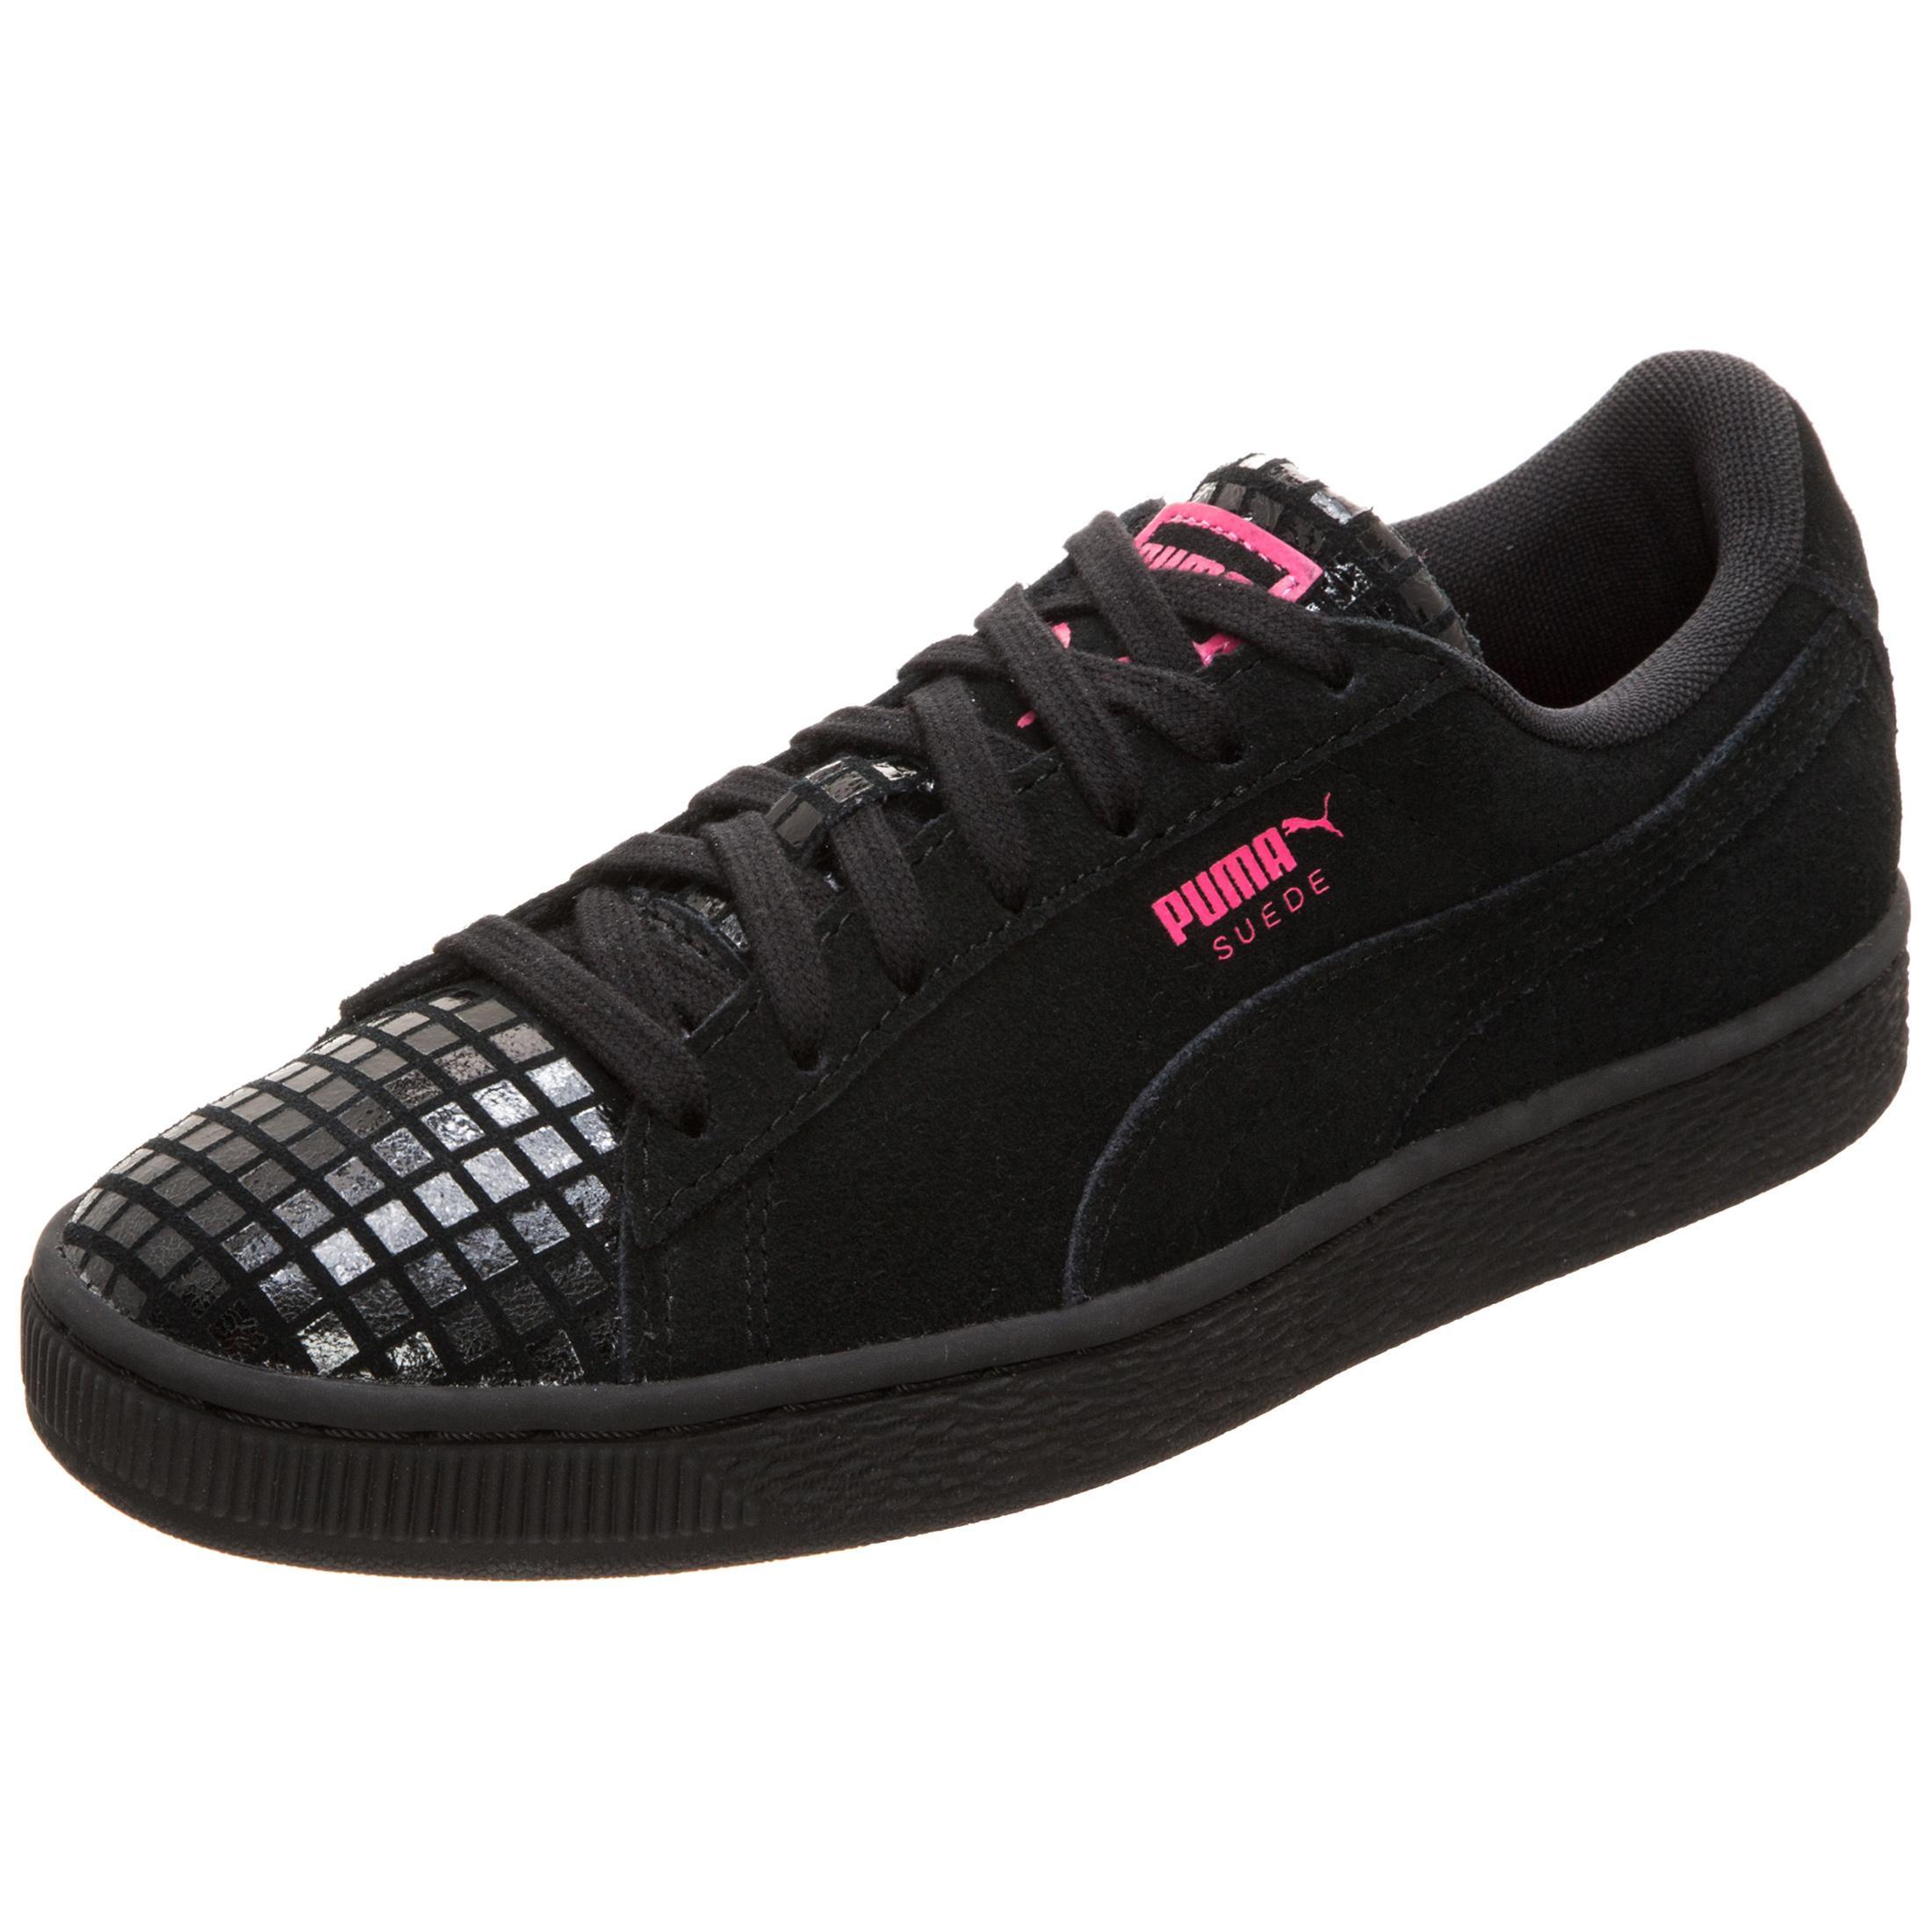 puma suede classic sneaker damen damen damen schwarz pink im online shop von sportscheck. Black Bedroom Furniture Sets. Home Design Ideas